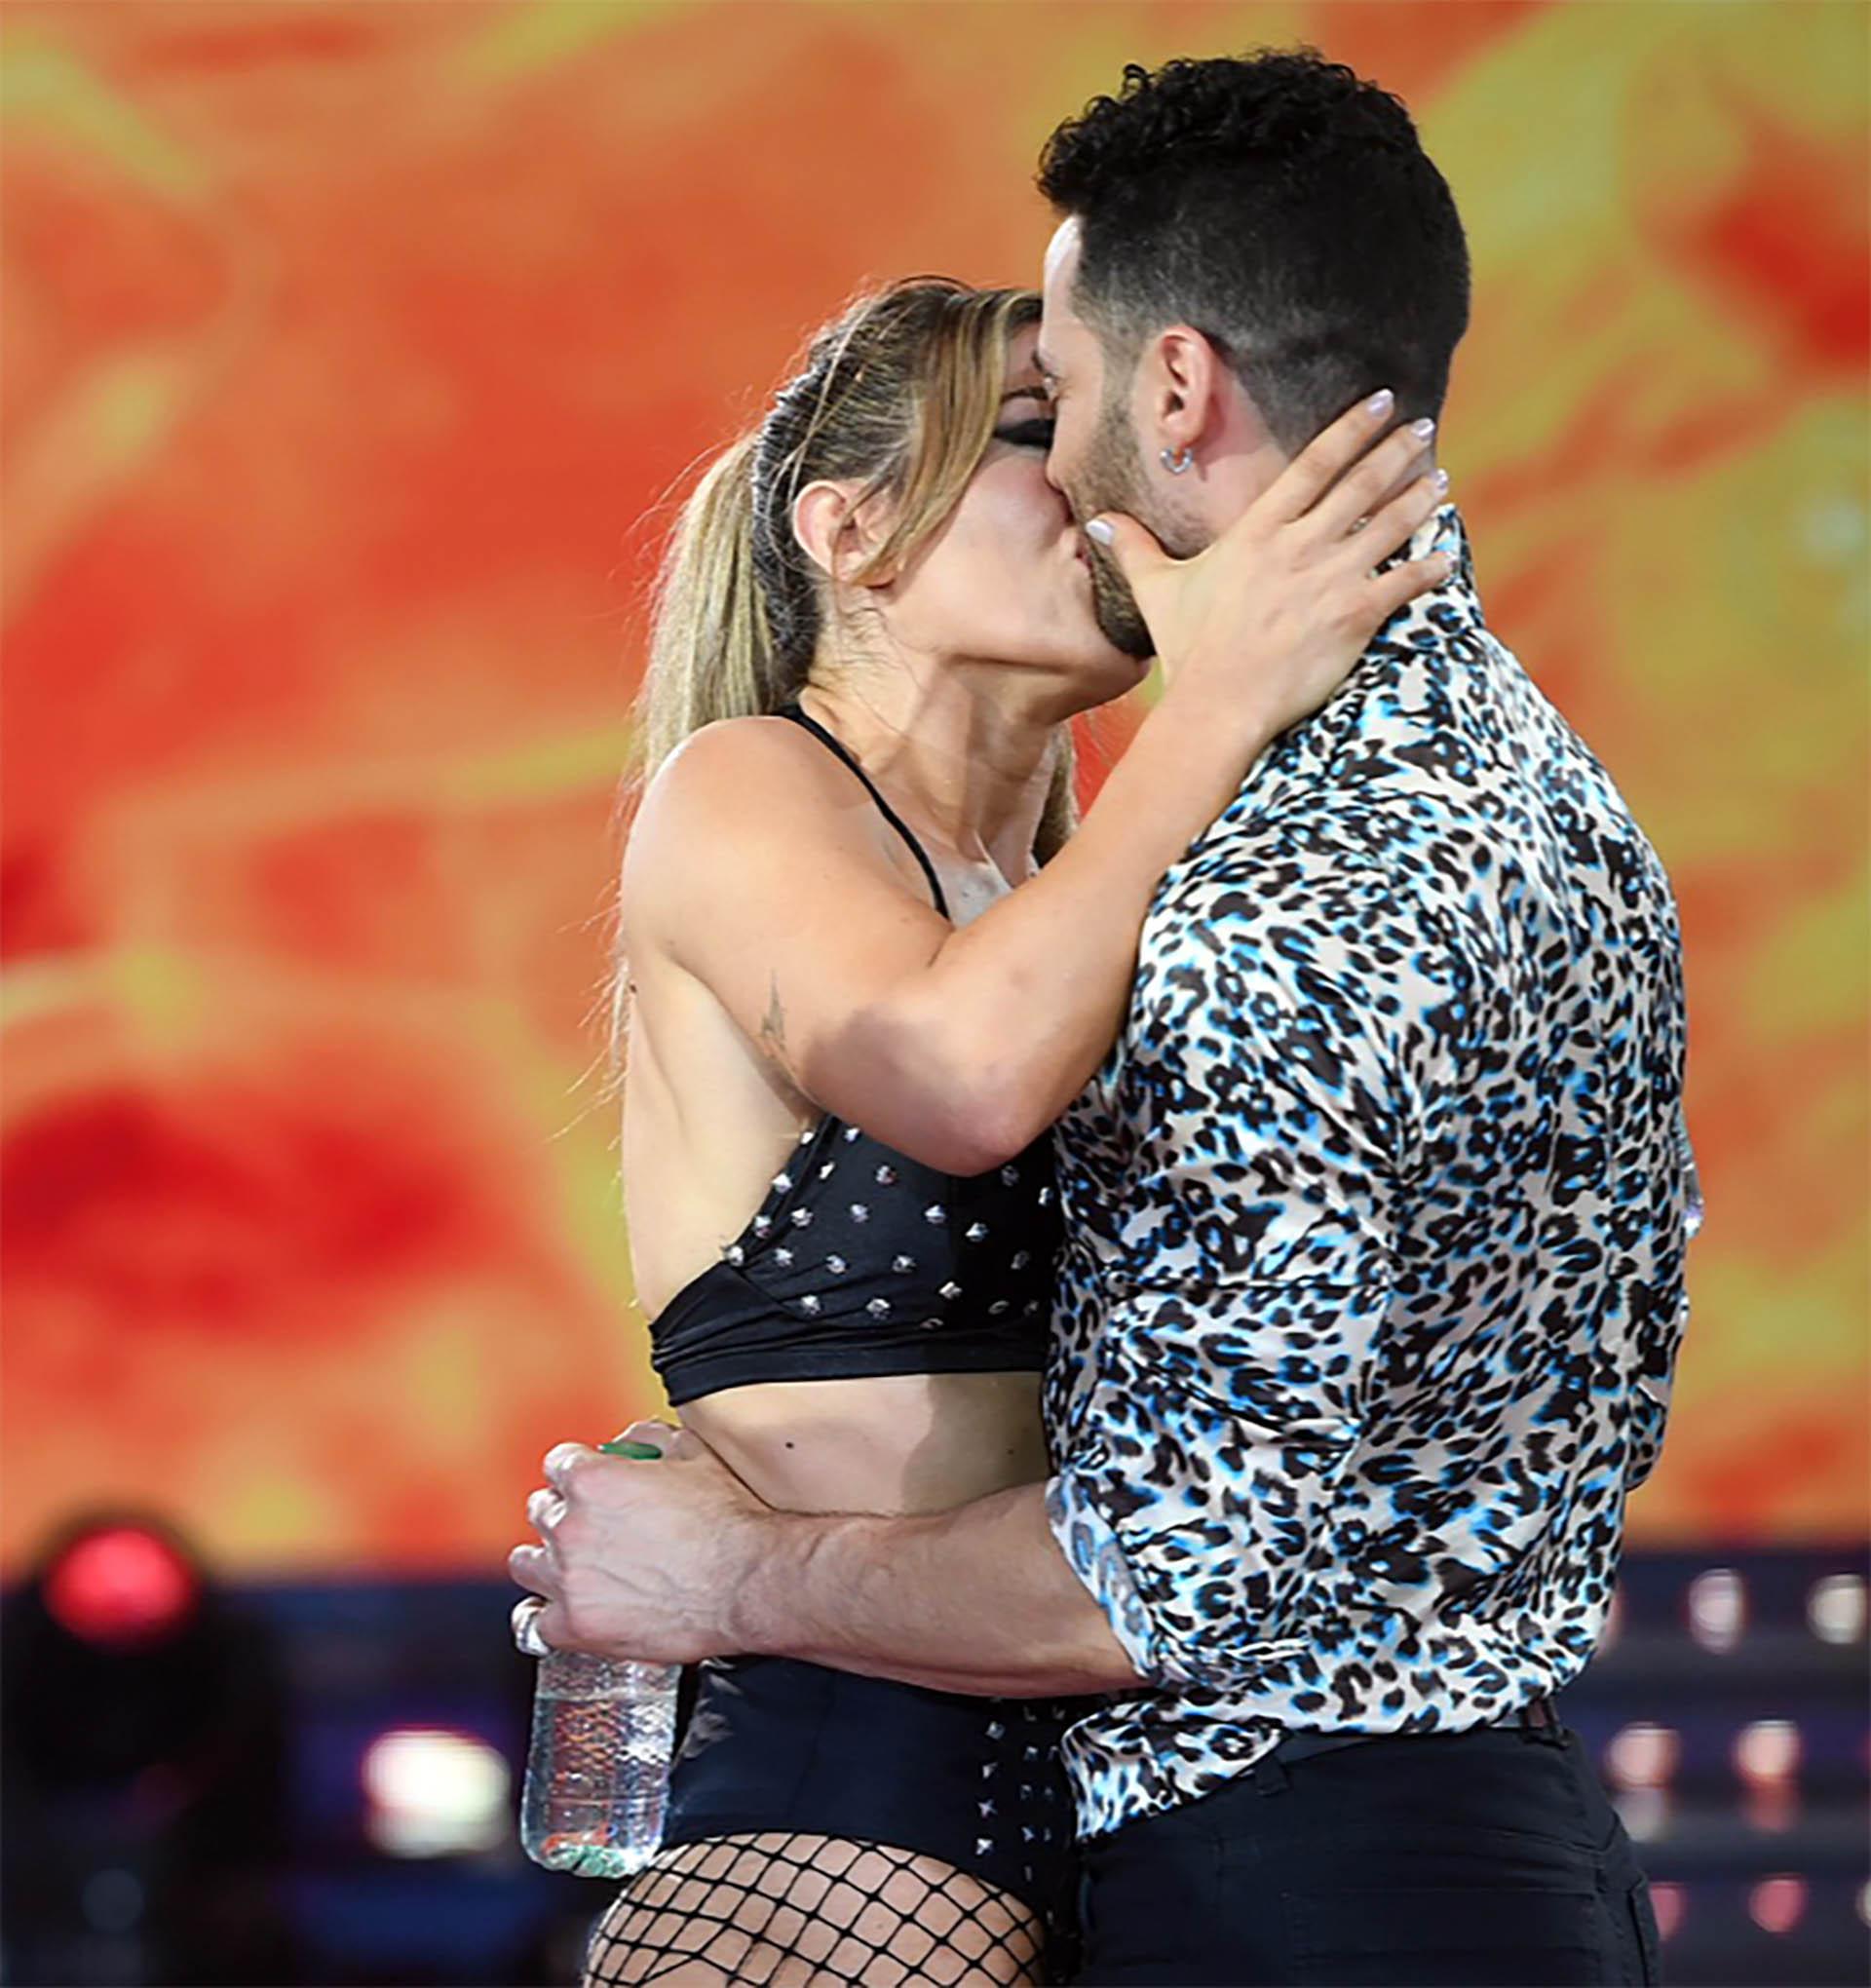 """Jimena Barón y Mauro Caiazza se besaron apasionadamente en el """"Bailando 2018"""". La actriz apostó al amor de la mano del bailarín tras separarse de Rodrigo Romero"""